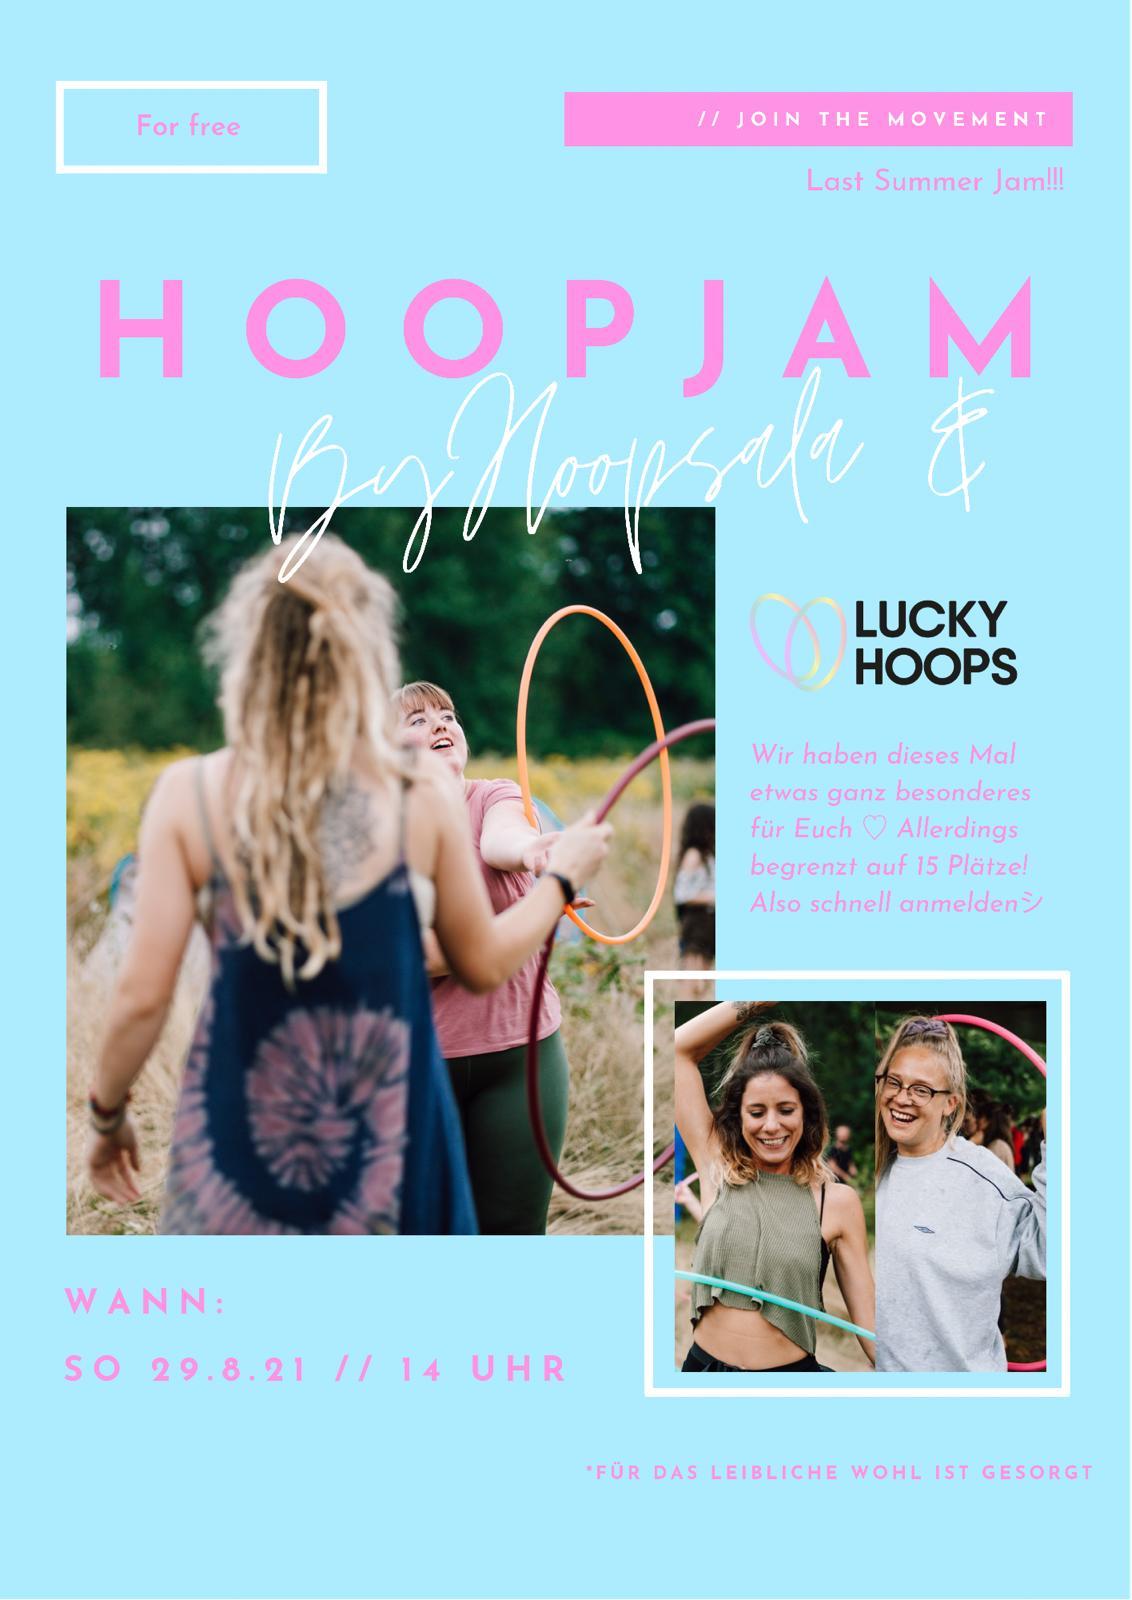 Last Summer Hoop Jam